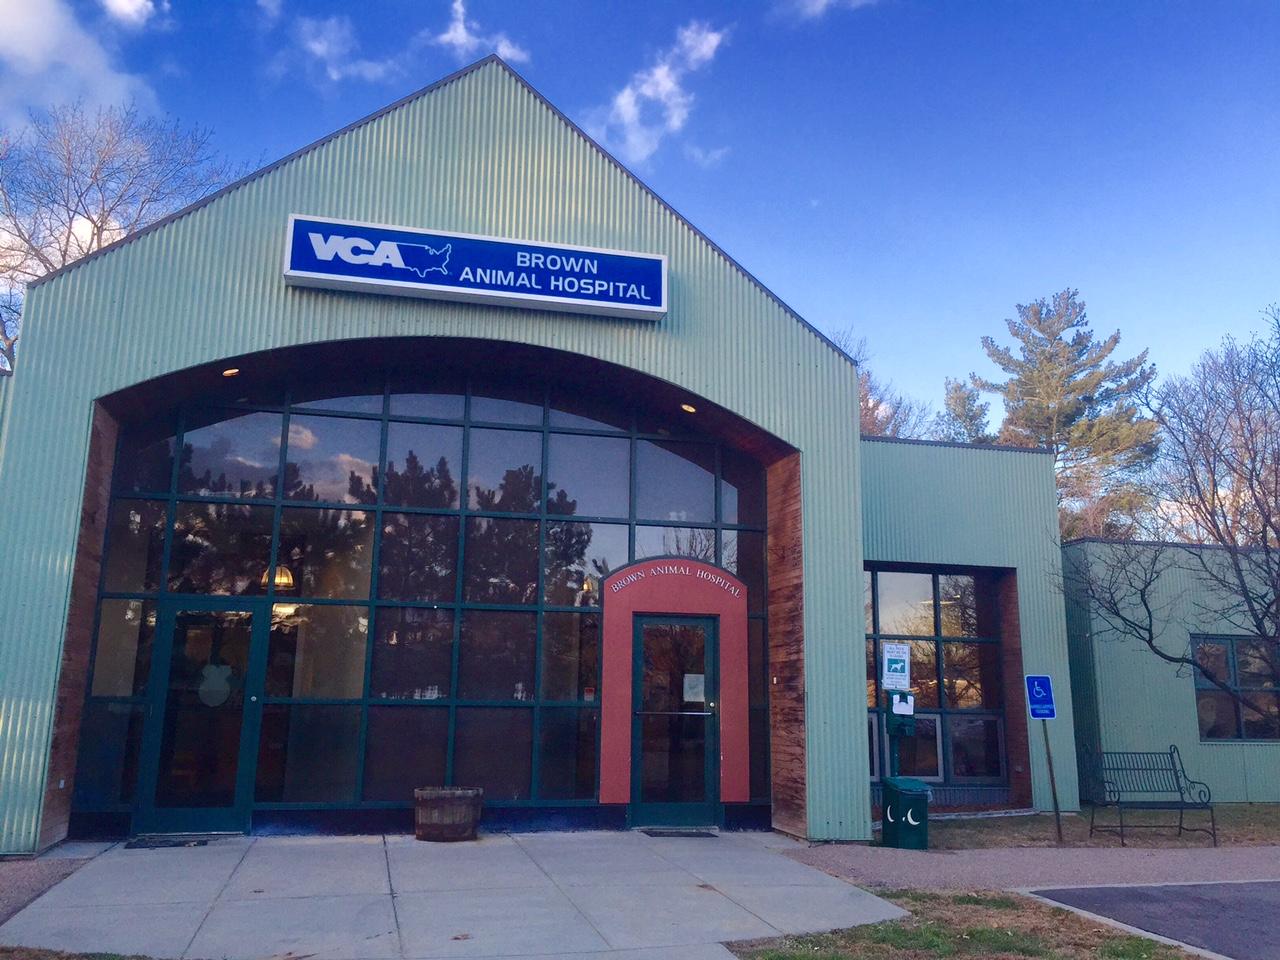 VCA Brown Animal Hospital image 7